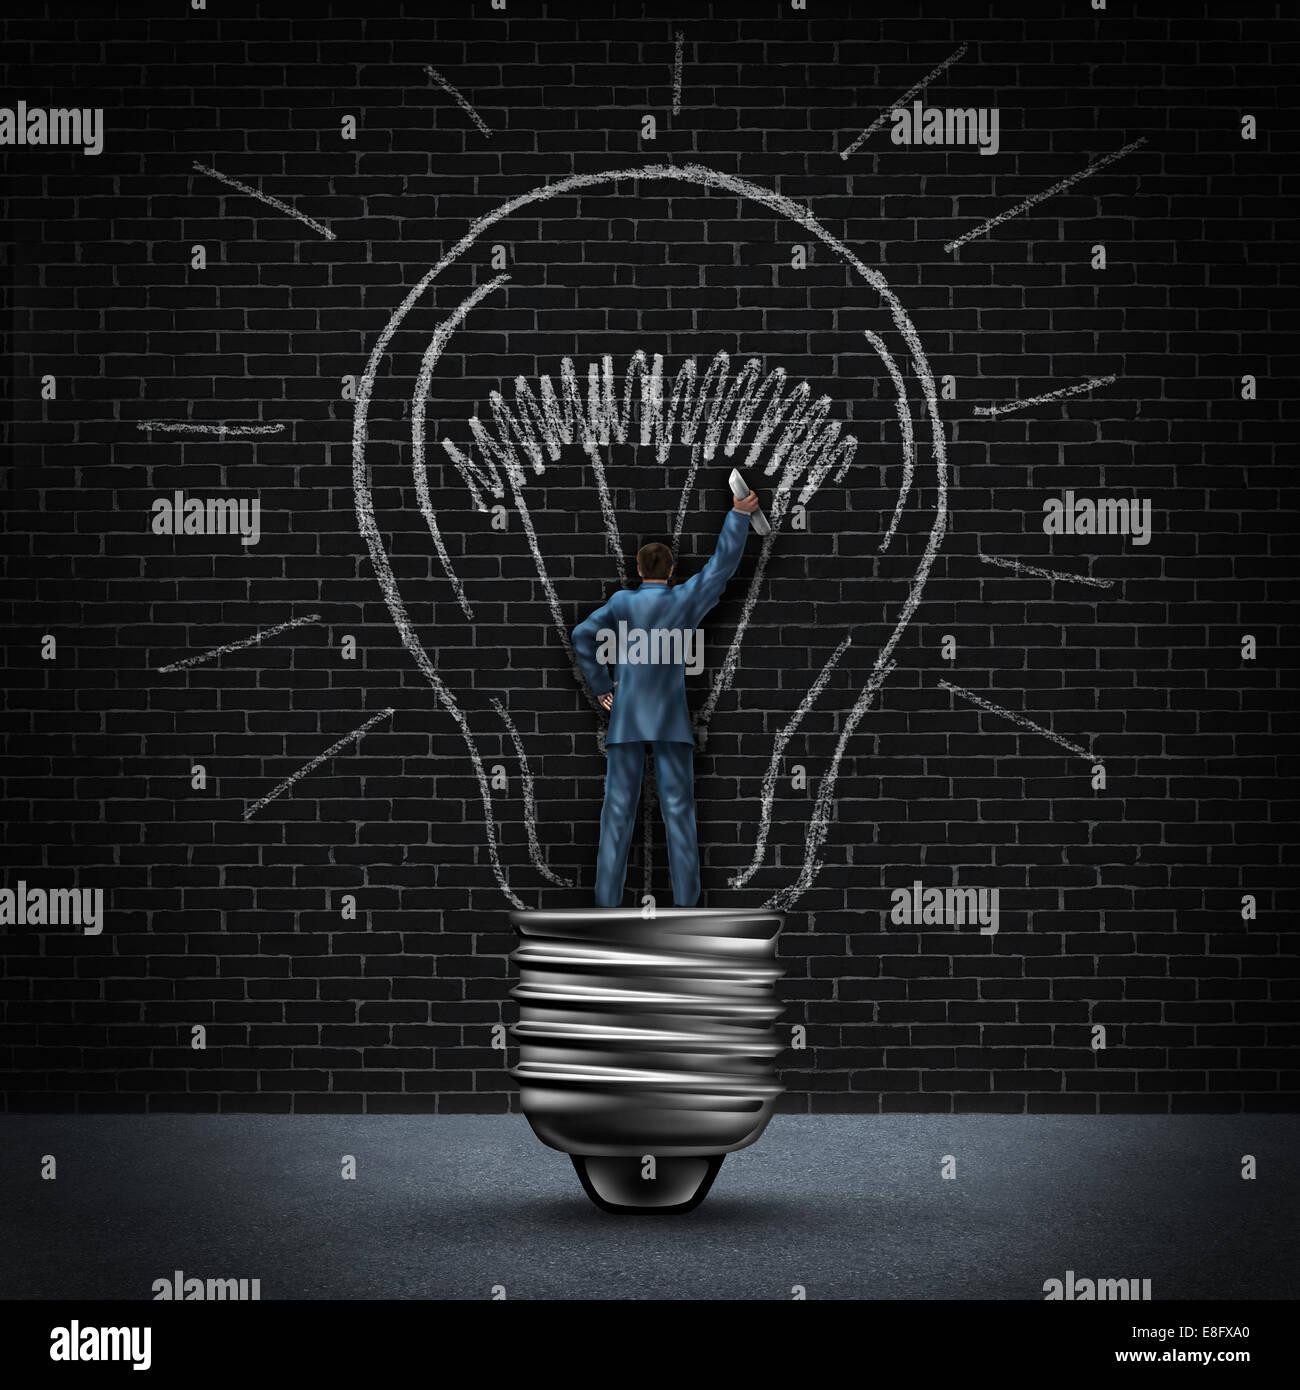 Bombilla hombre concepto de negocio como un hombre de negocios de pie en una base de luz y dibujar una bombilla Imagen De Stock